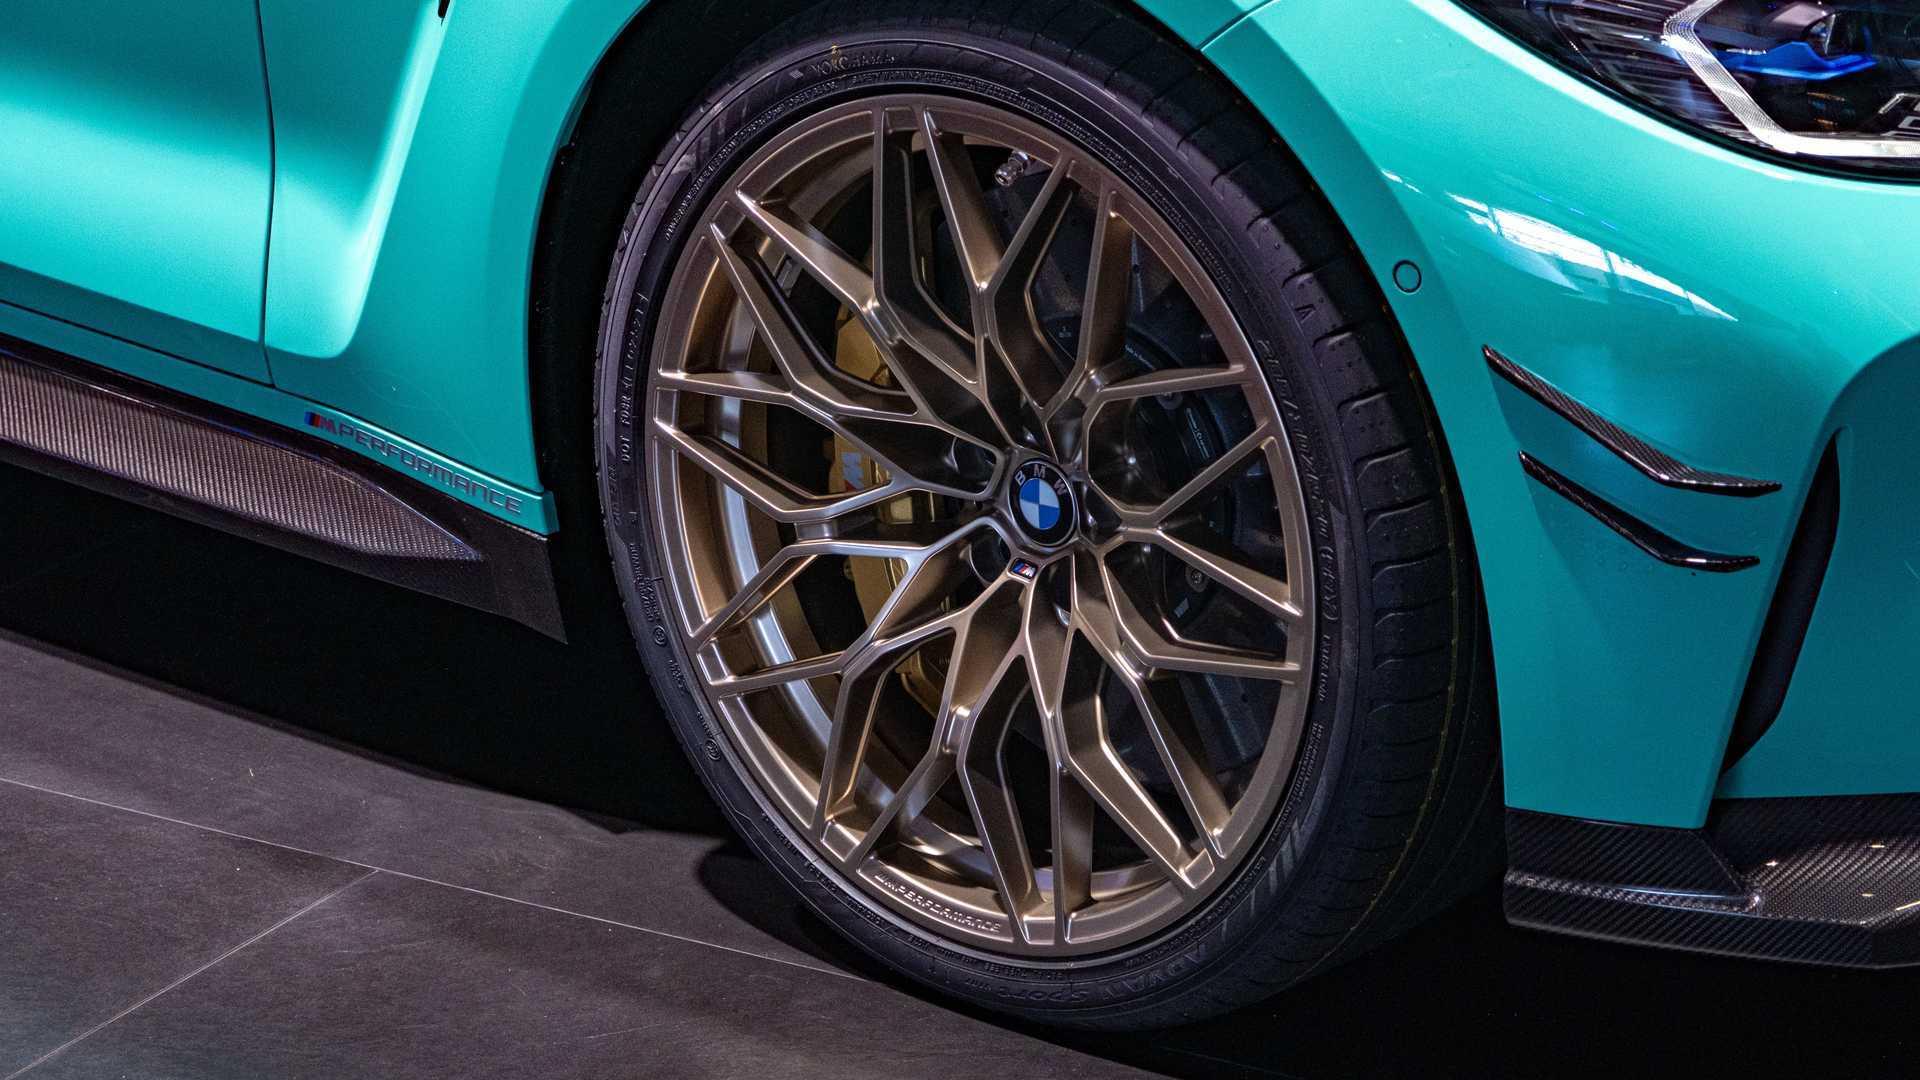 Chiêm ngưỡng xe sang BMW M4 màu xanh Mint lạ mắt-4